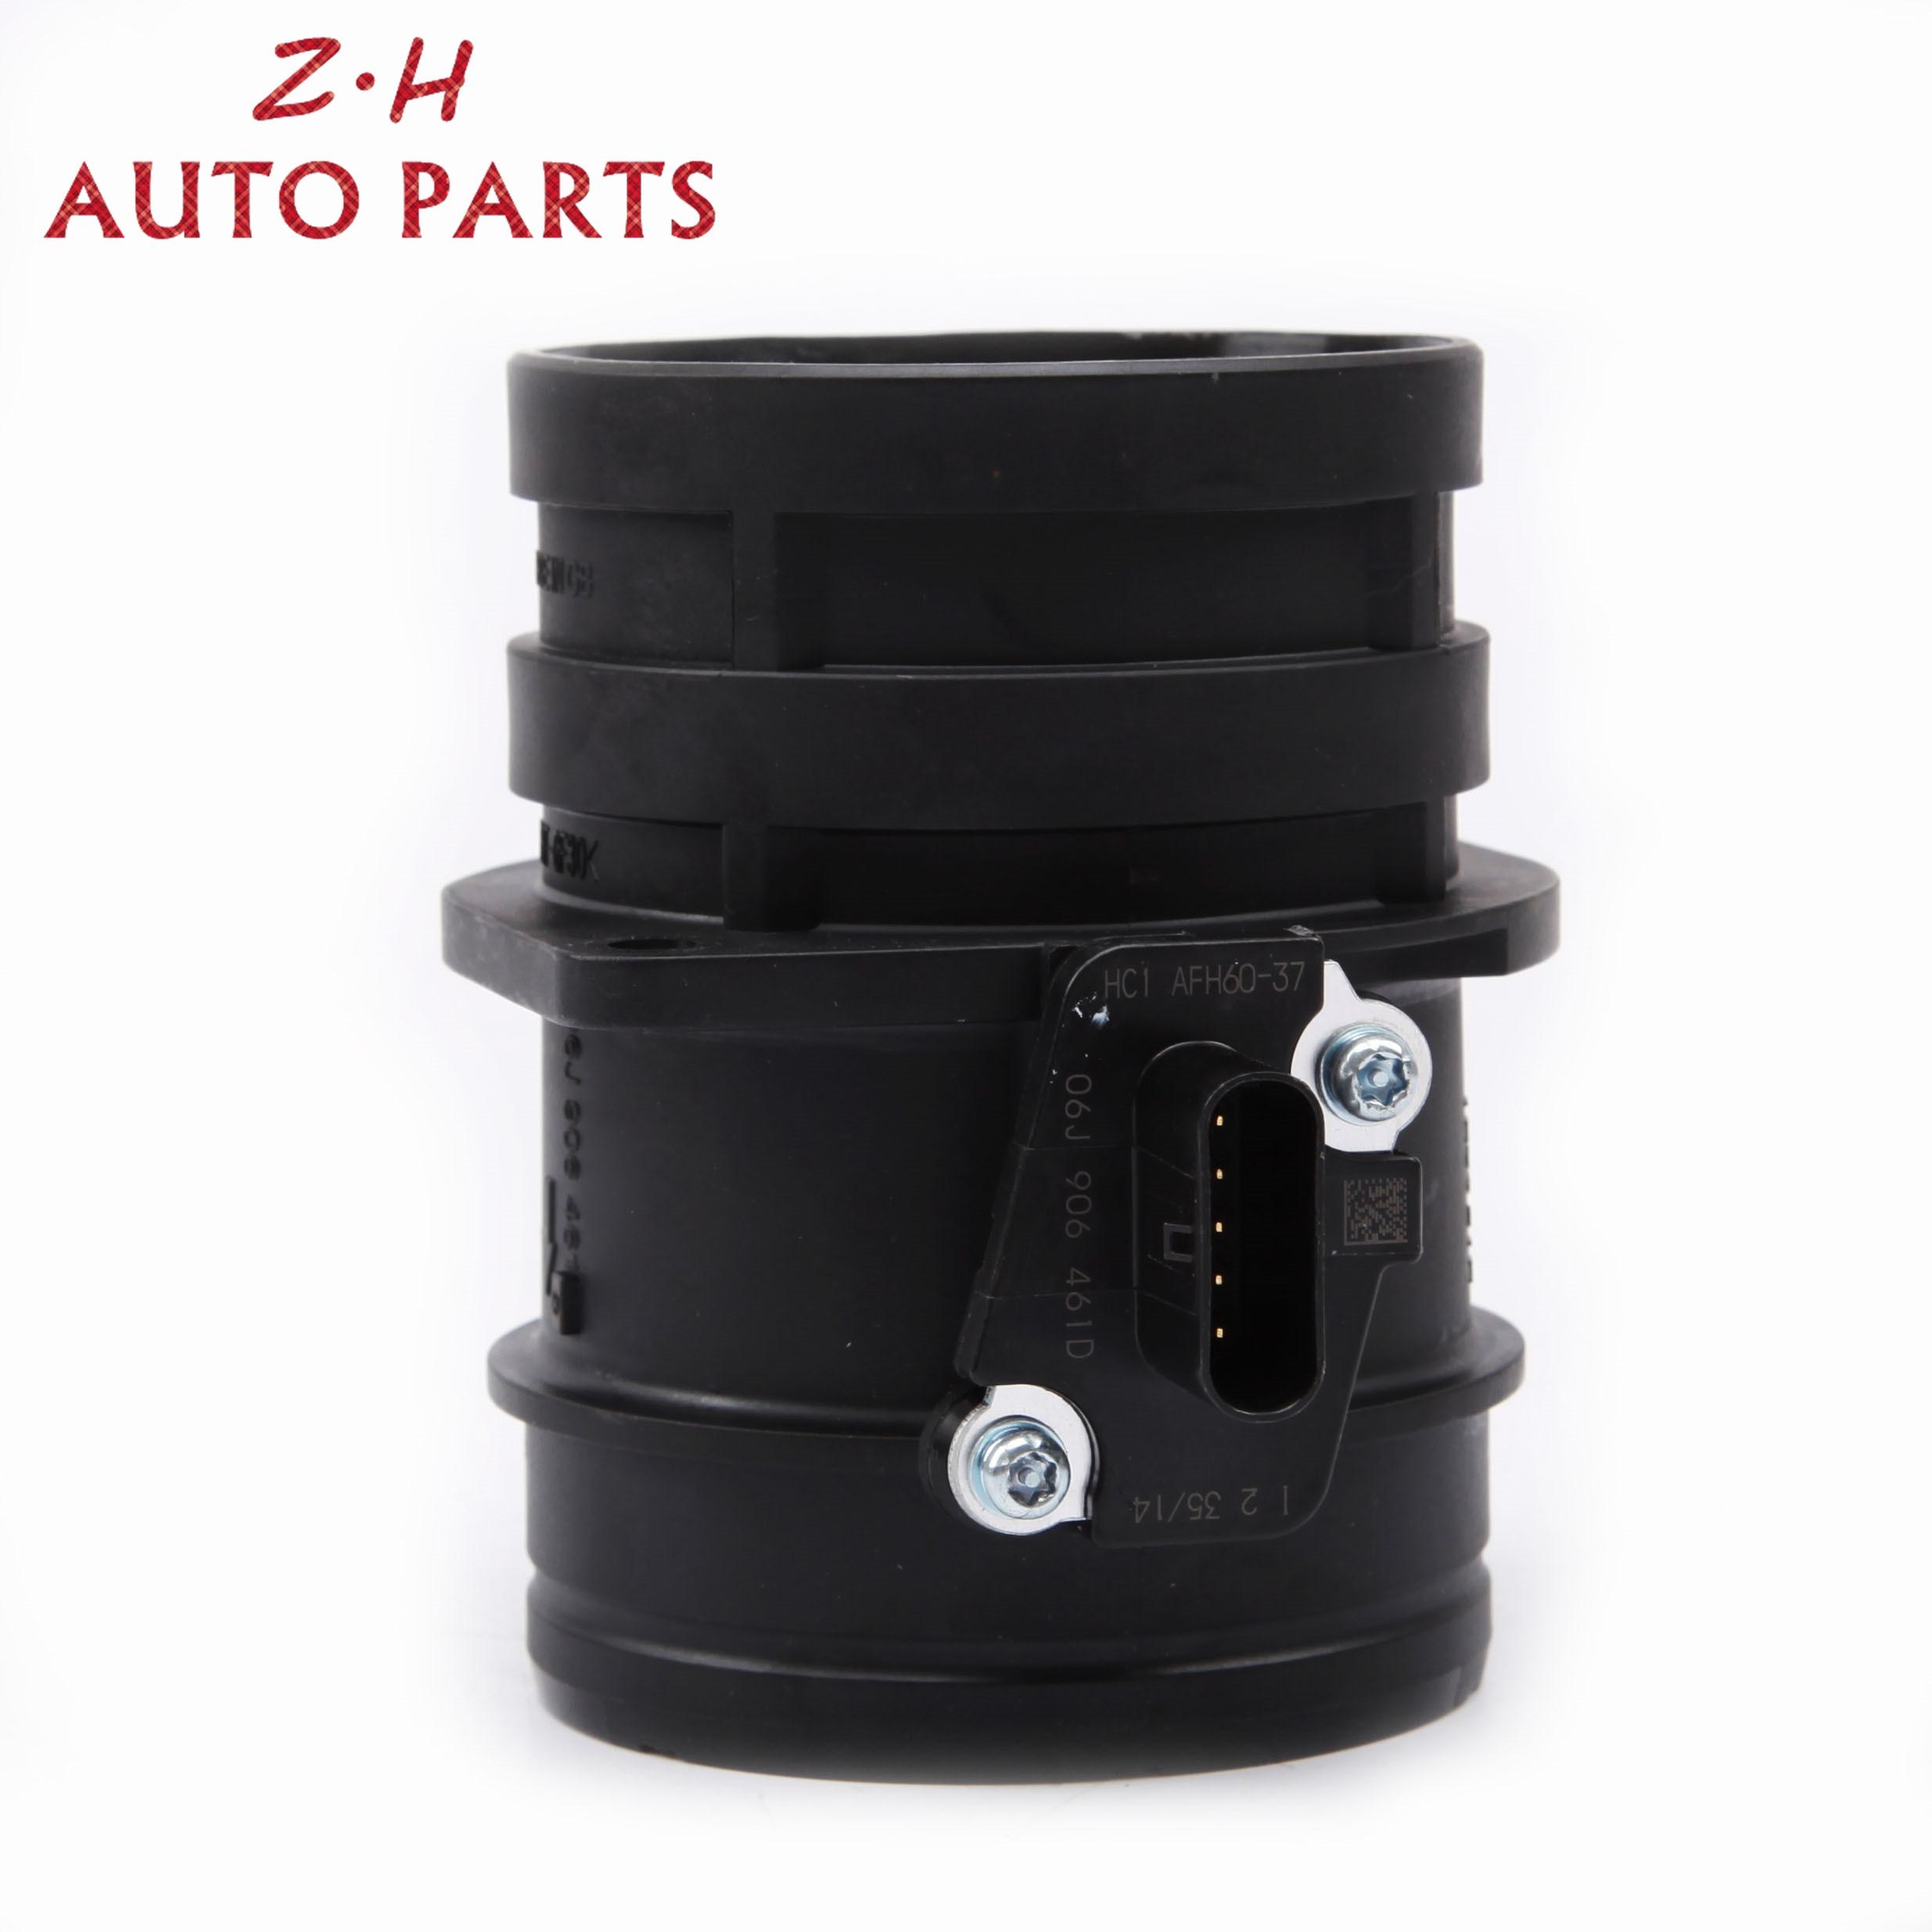 Nouveau capteur de débit massique d'air d'admission d'air capteur de débit crg 06J 906 461 D pour VW Jetta Golf Passat AUDI A3 A4 A6 Q5 TT 2.0TFSI 06J906461D